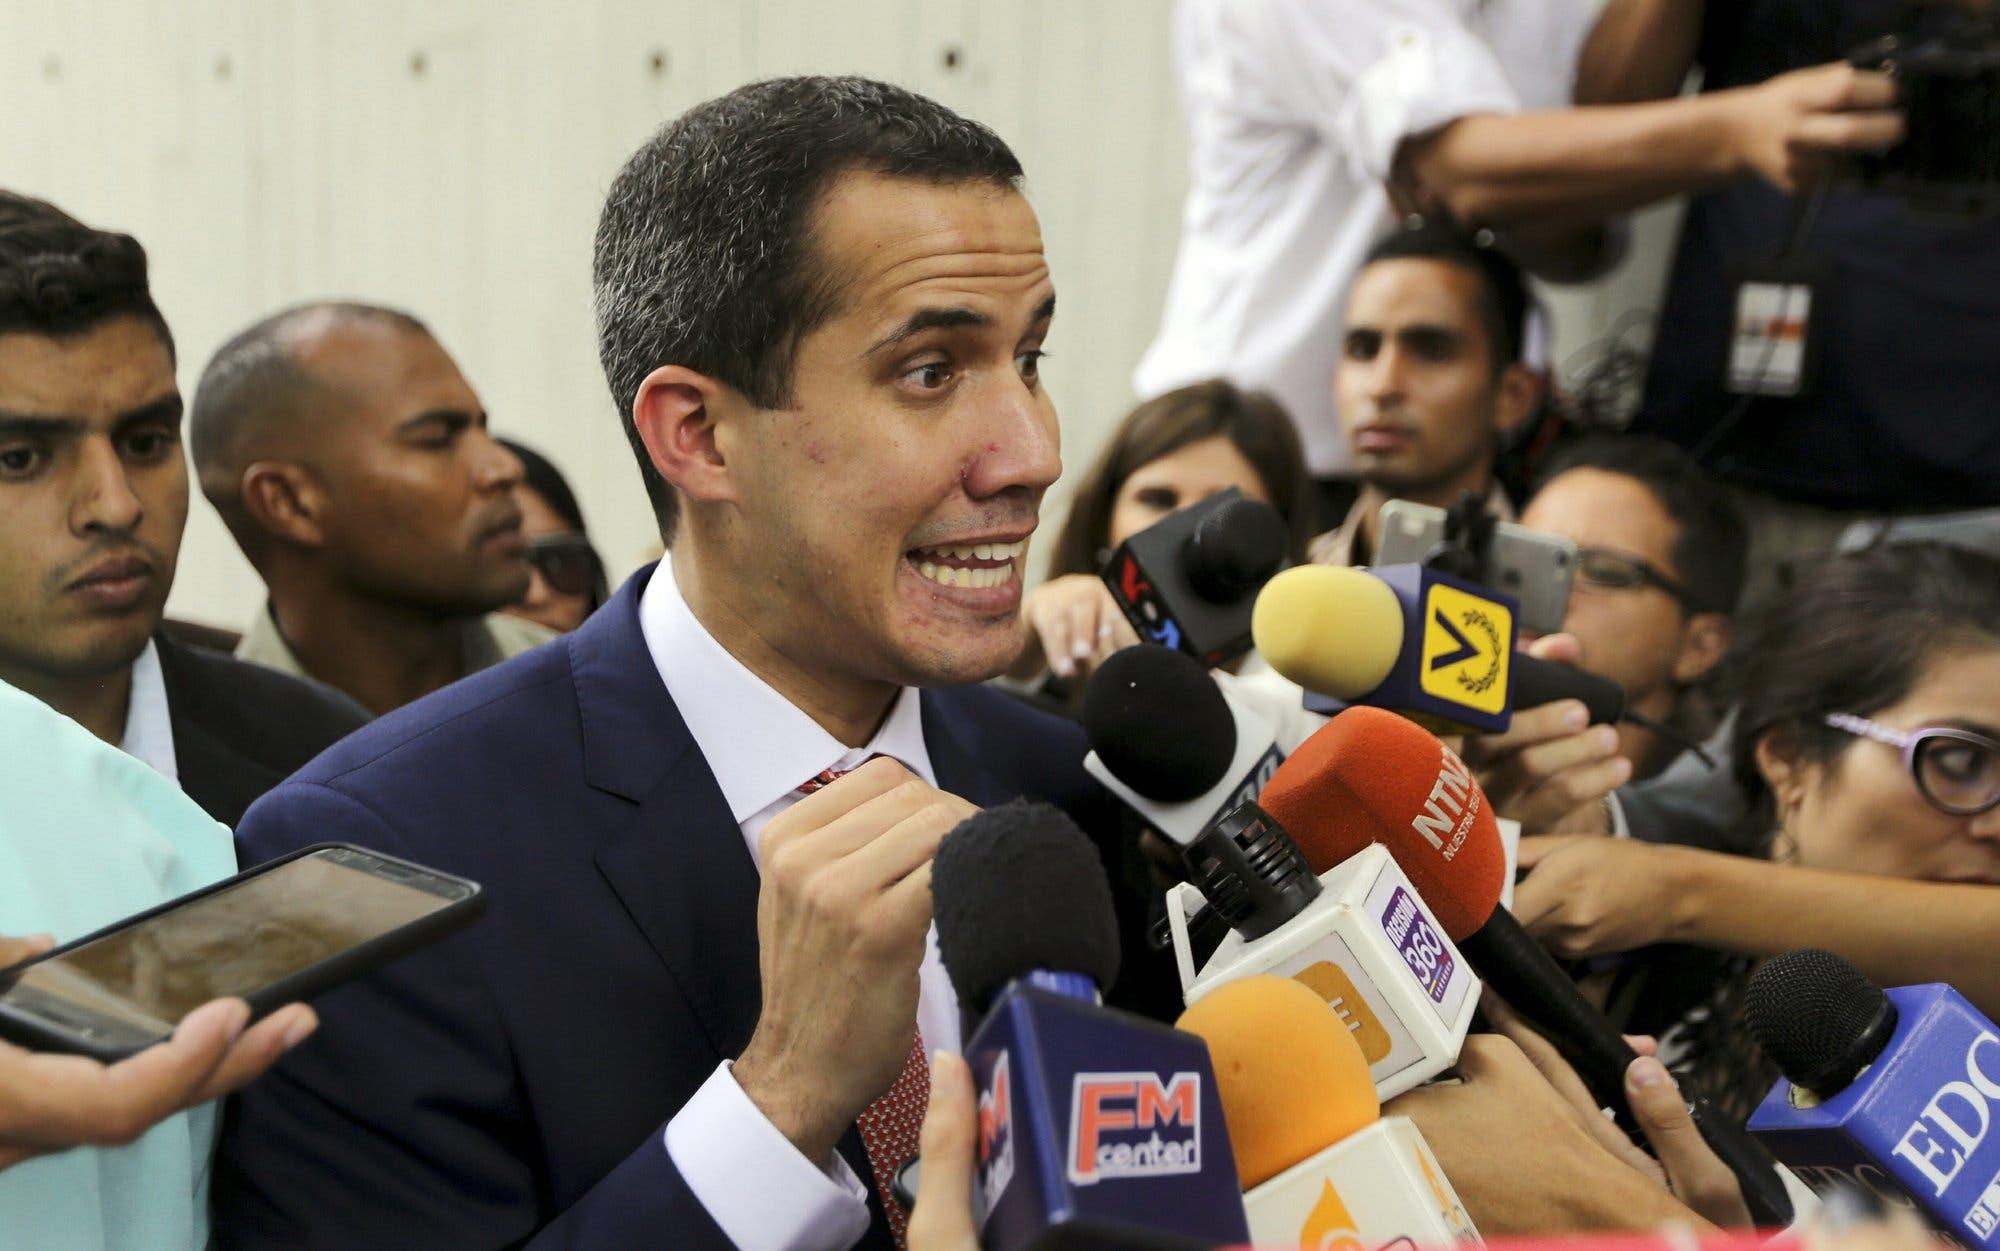 Oposición venezolana dice que reunión con Gobierno en Oslo acabó sin acuerdo